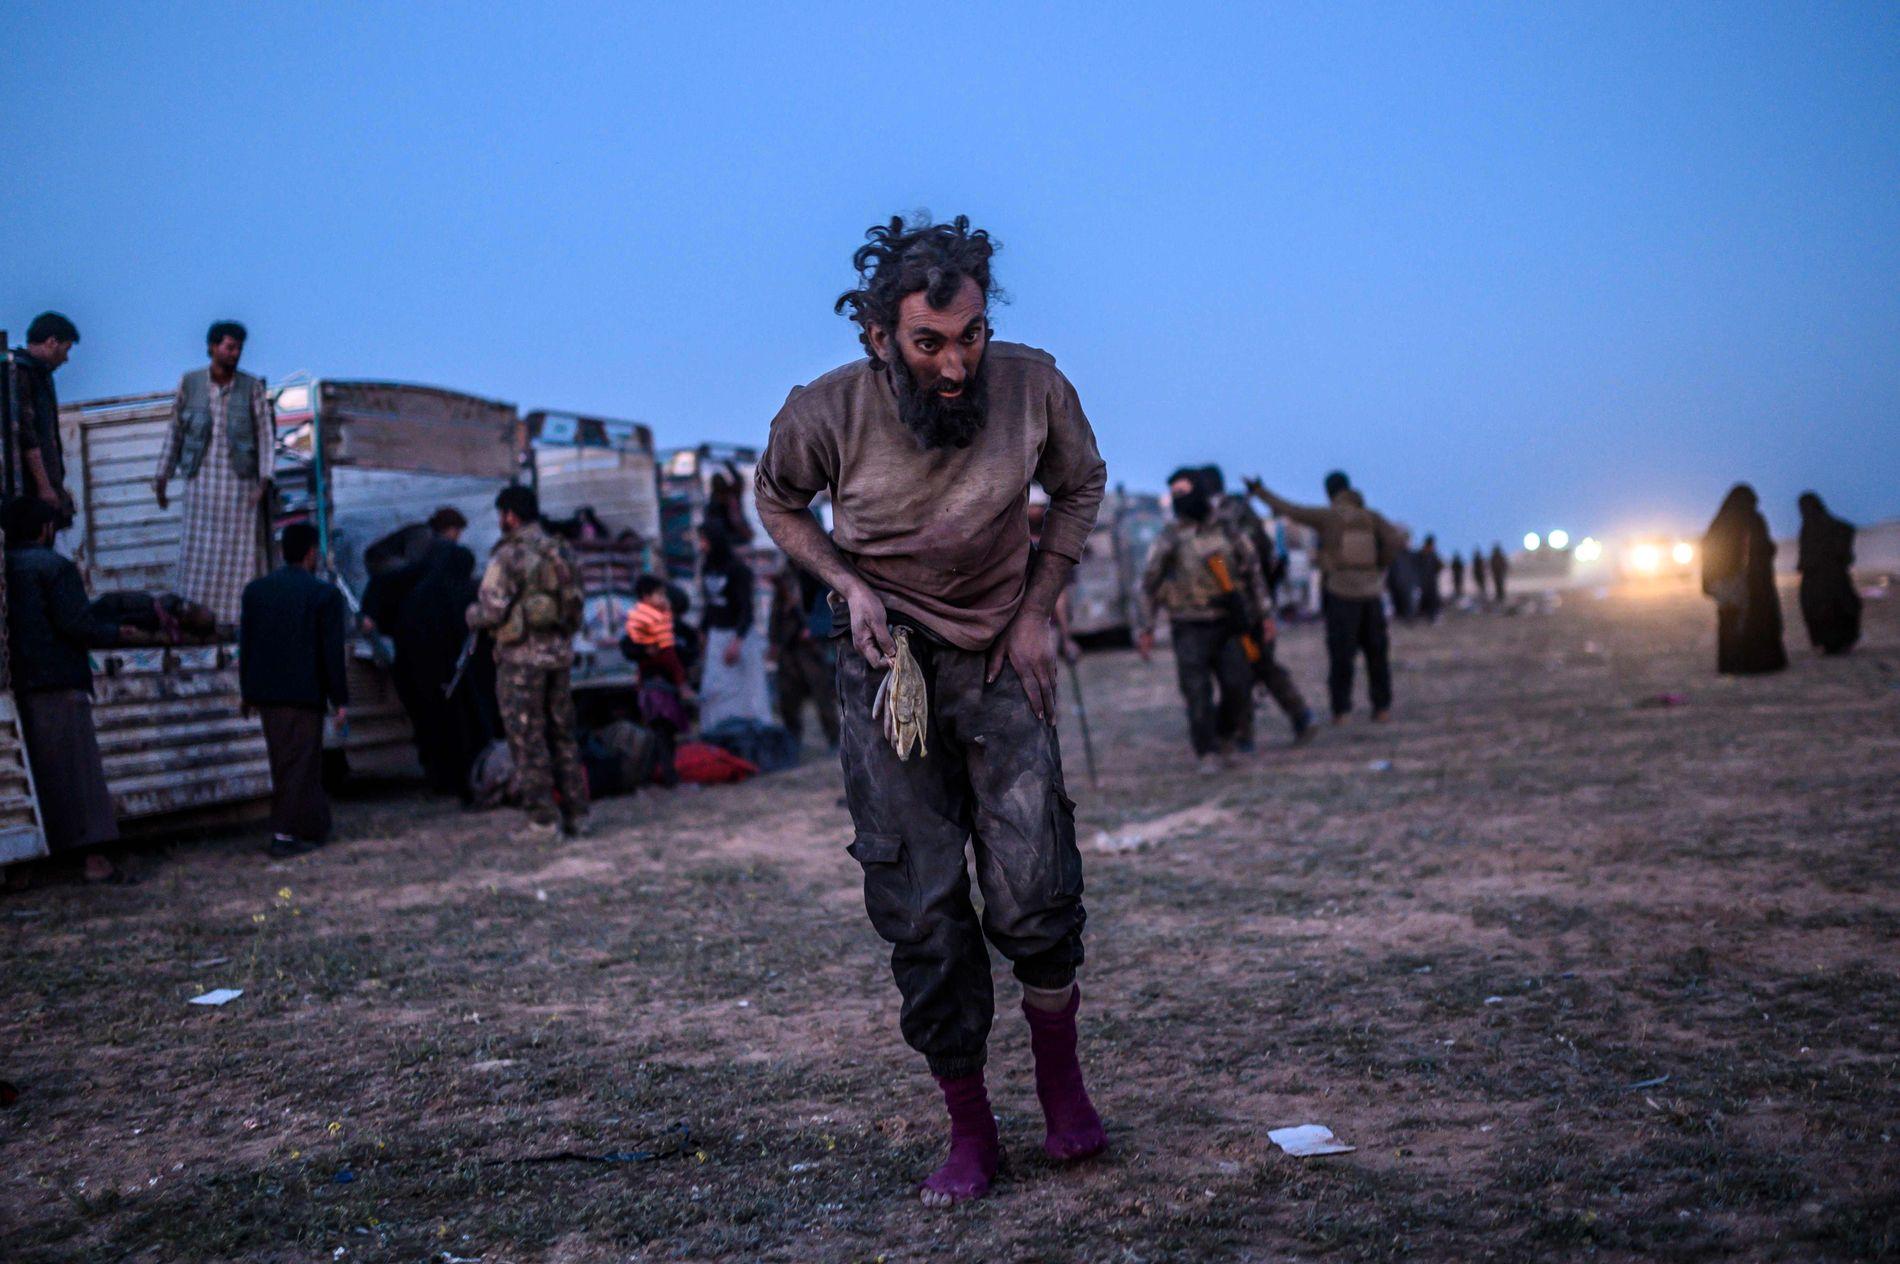 OVERGIR SEG: En antatt IS-kriger rett ved en konvoi som forberedes for å frakte vekk både krigere og sivile fra siste rest av terrorkalifatet Den islamske staten (IS).